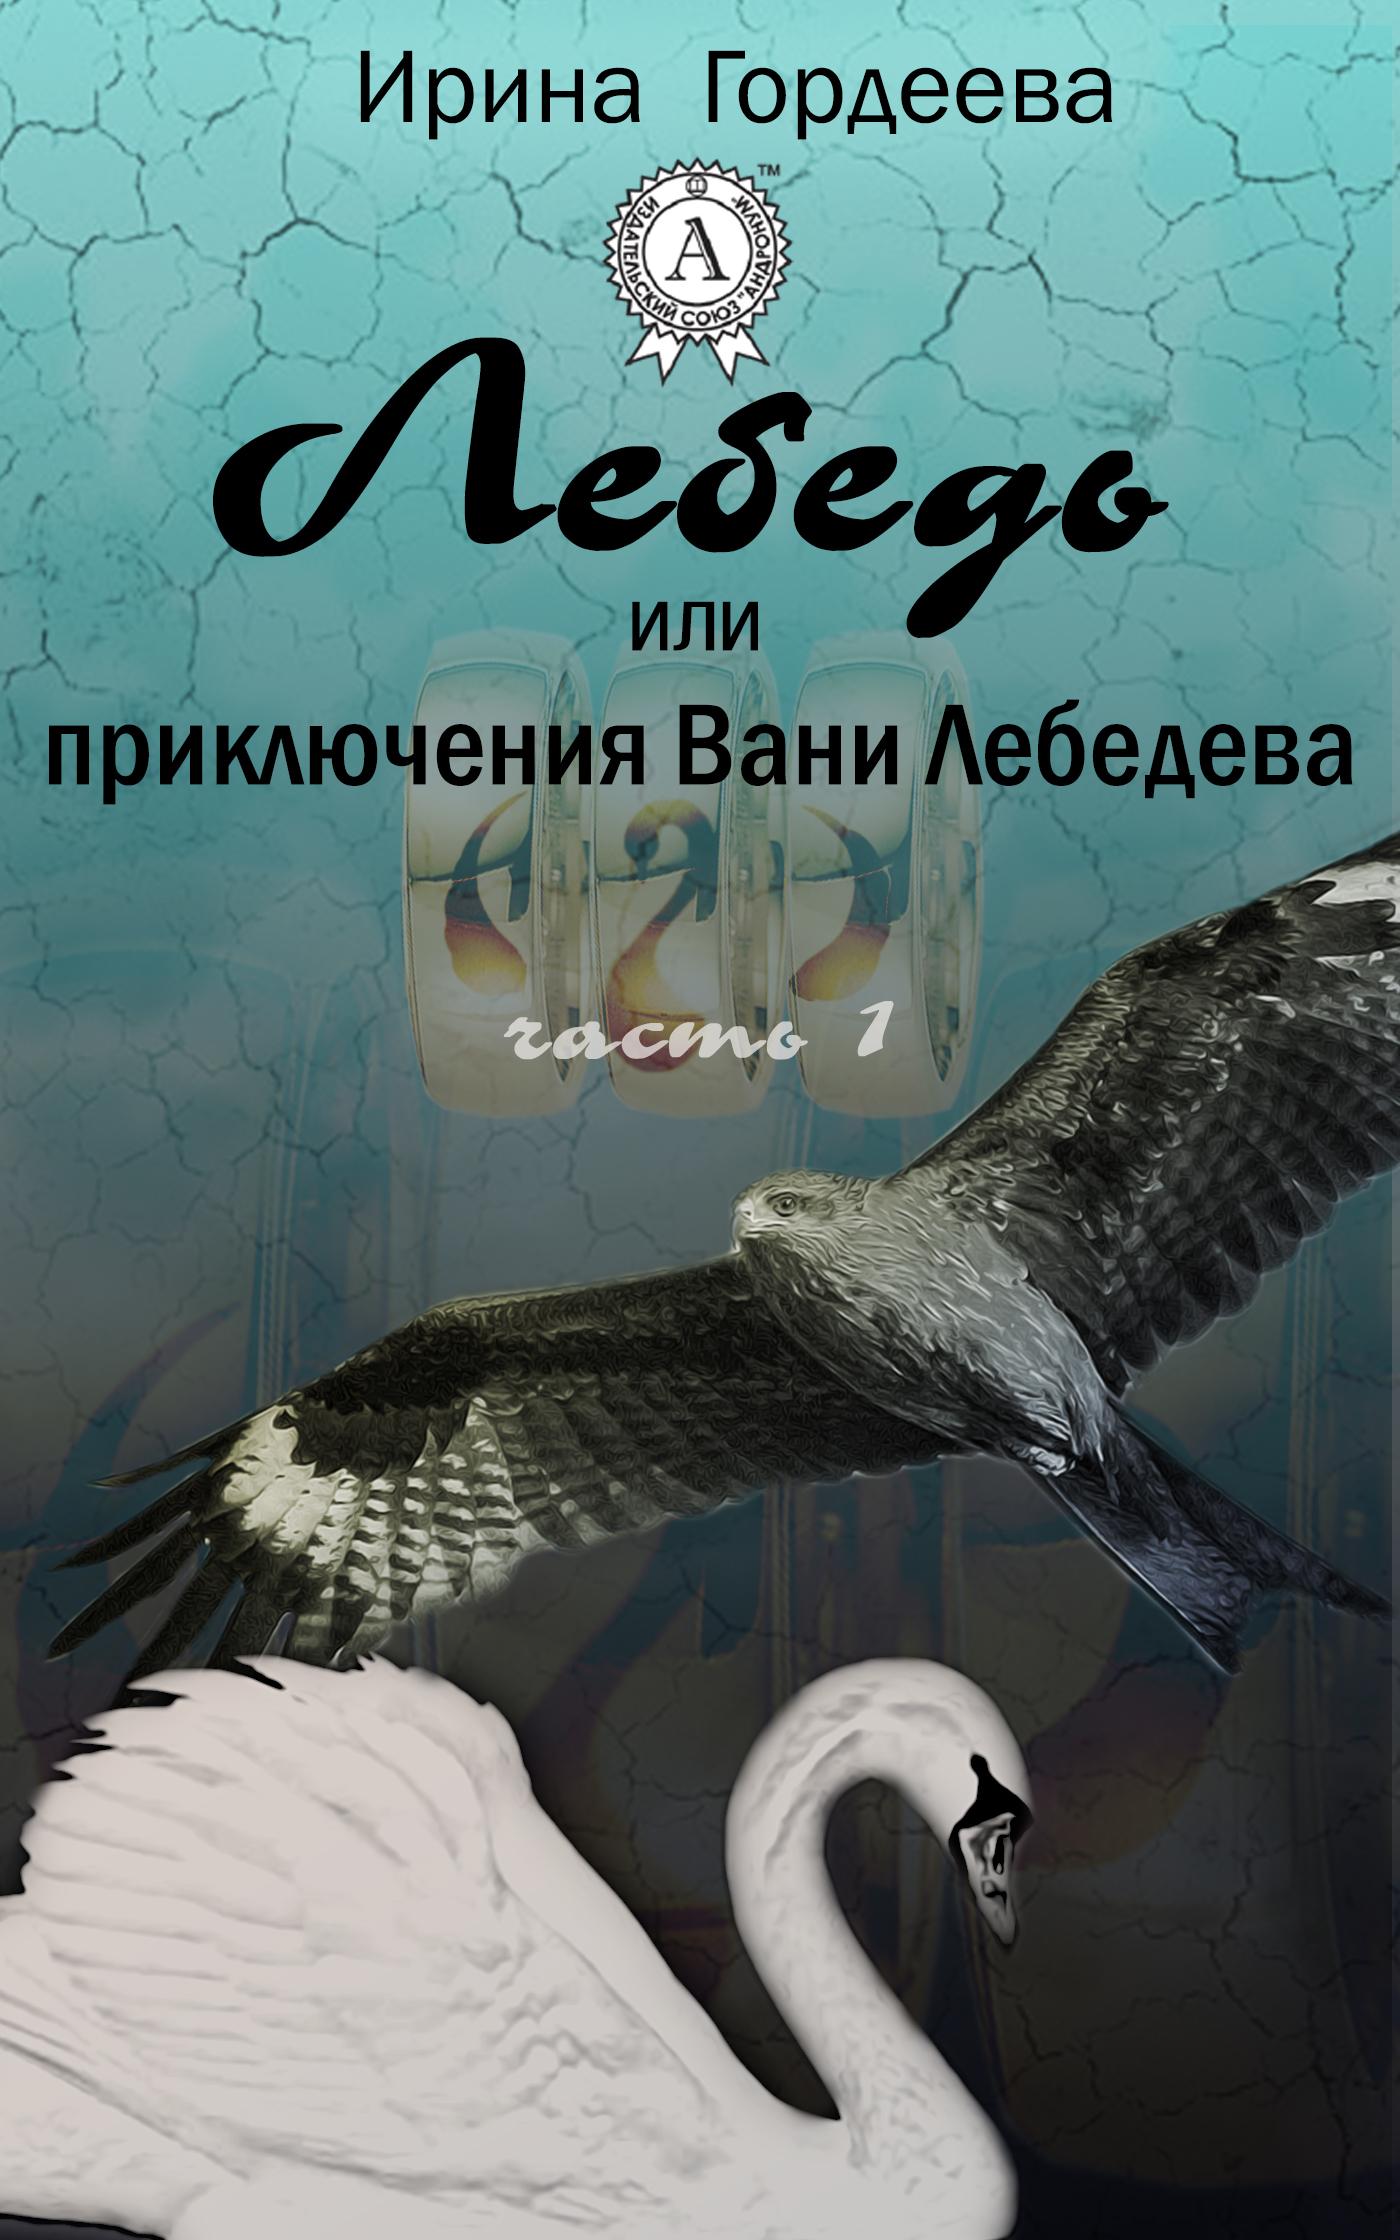 Ирина Гордеева Лебедь или приключения Вани Лебедева. Часть первая марлье м приключения сони и вани 6 историй